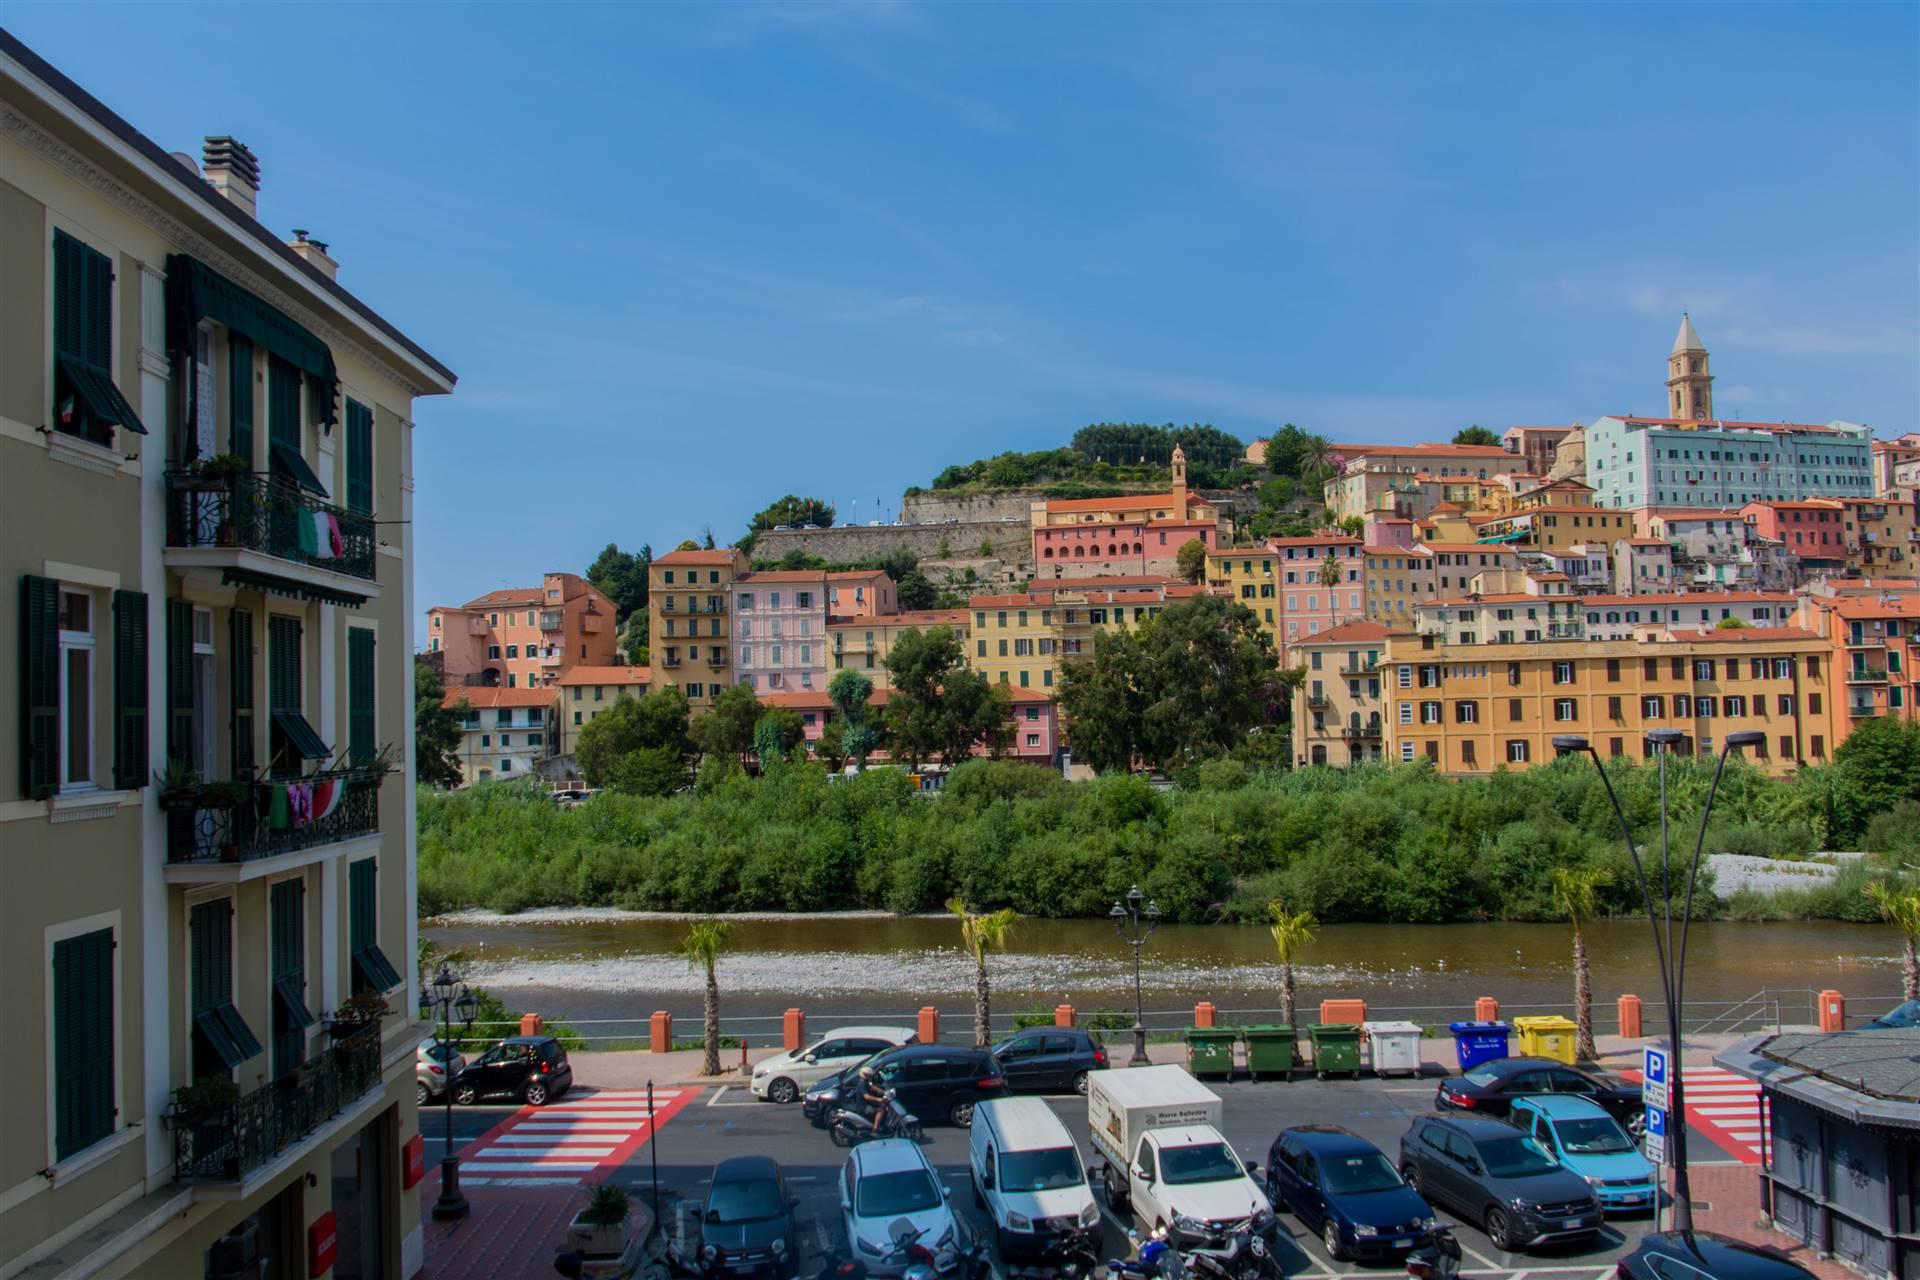 Appartamento in vendita a Ventimiglia, 5 locali, prezzo € 200.000 | CambioCasa.it